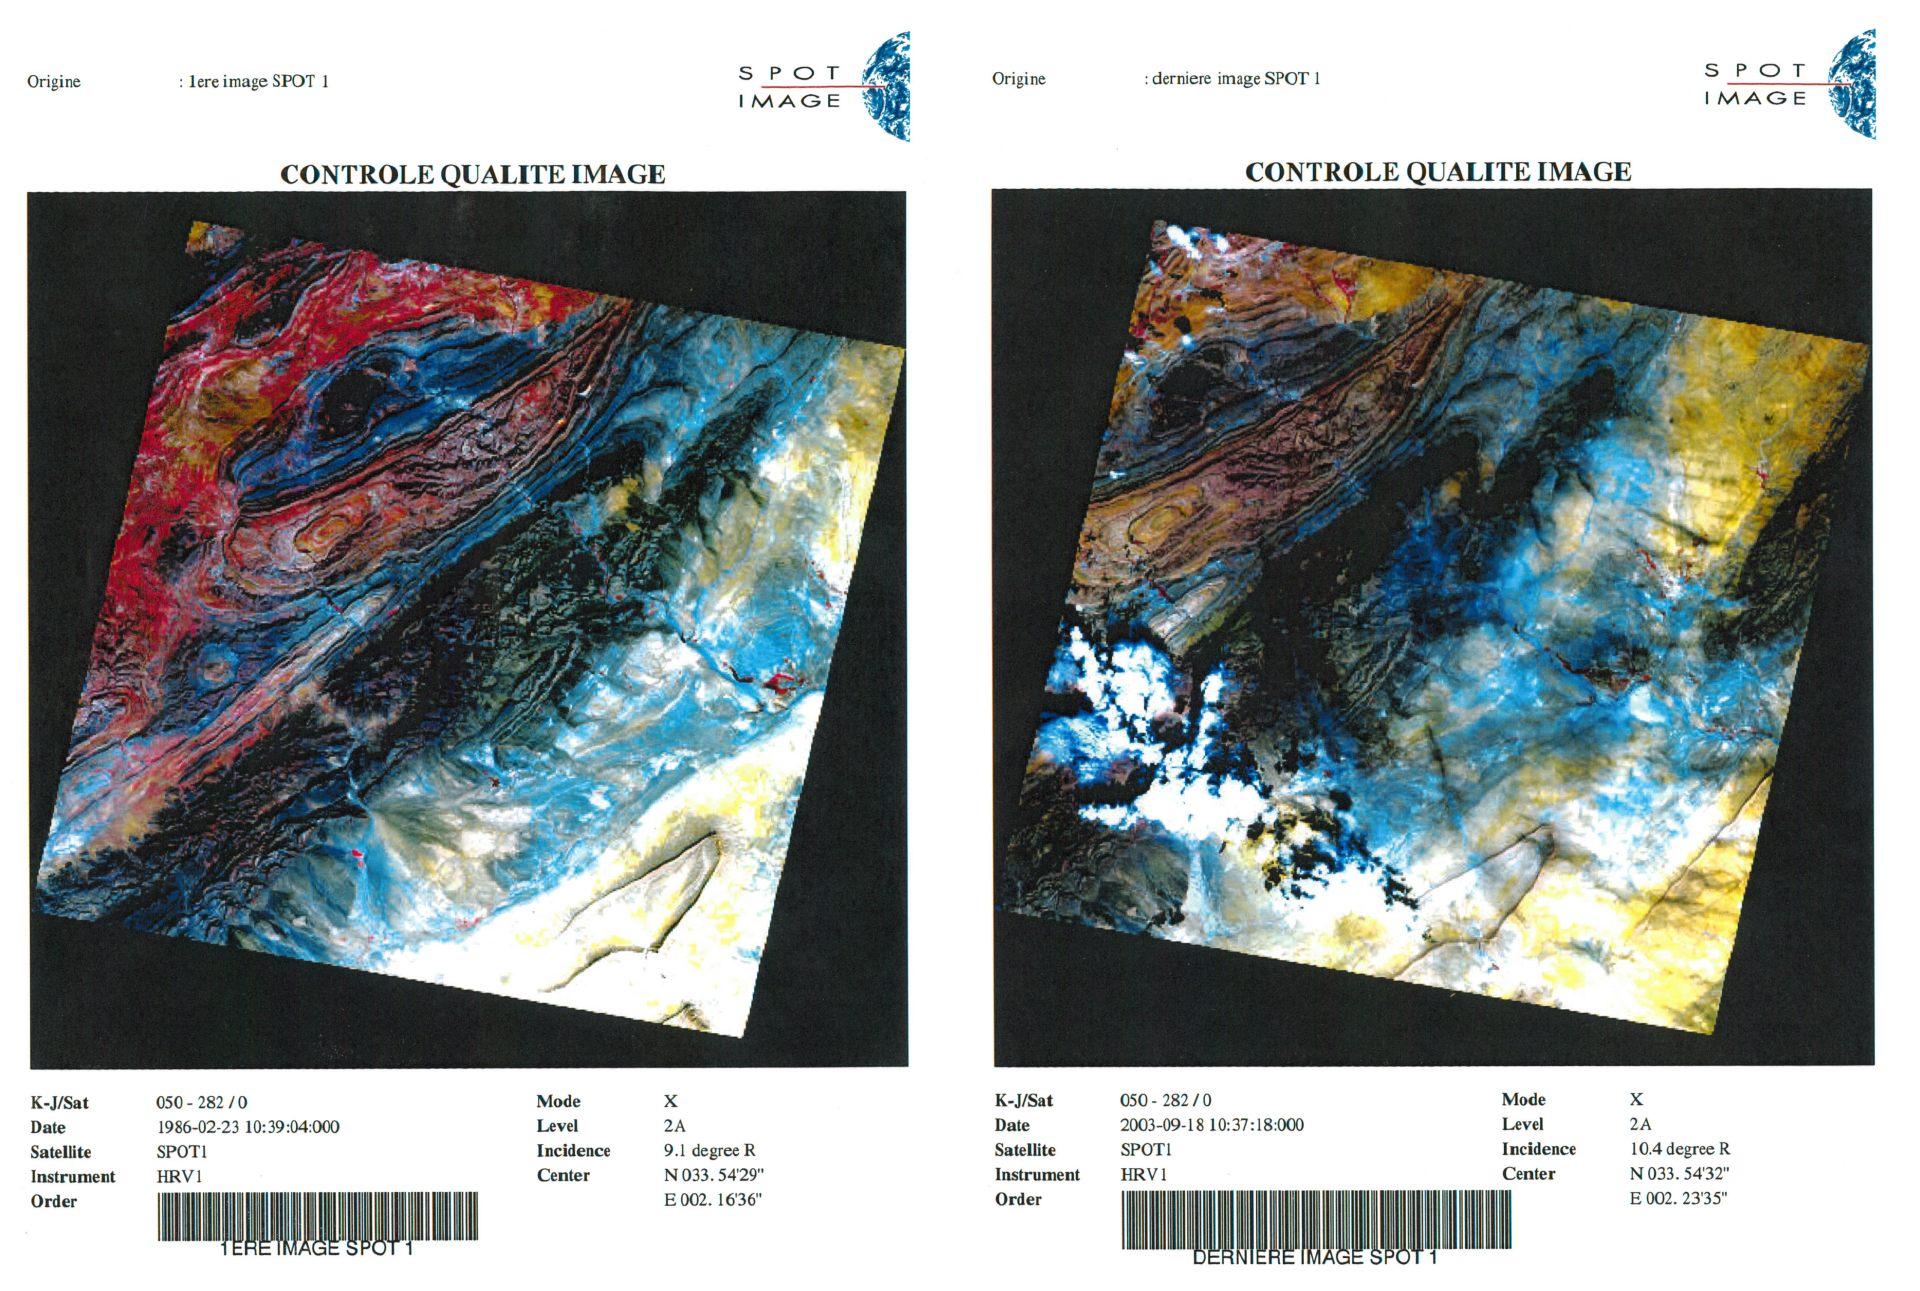 30 ans du satellite SPOT - Anniversaire - Première et dernière images - Djebel amour - Février 1986 - Septembre 2003 - CNES - Spot Image